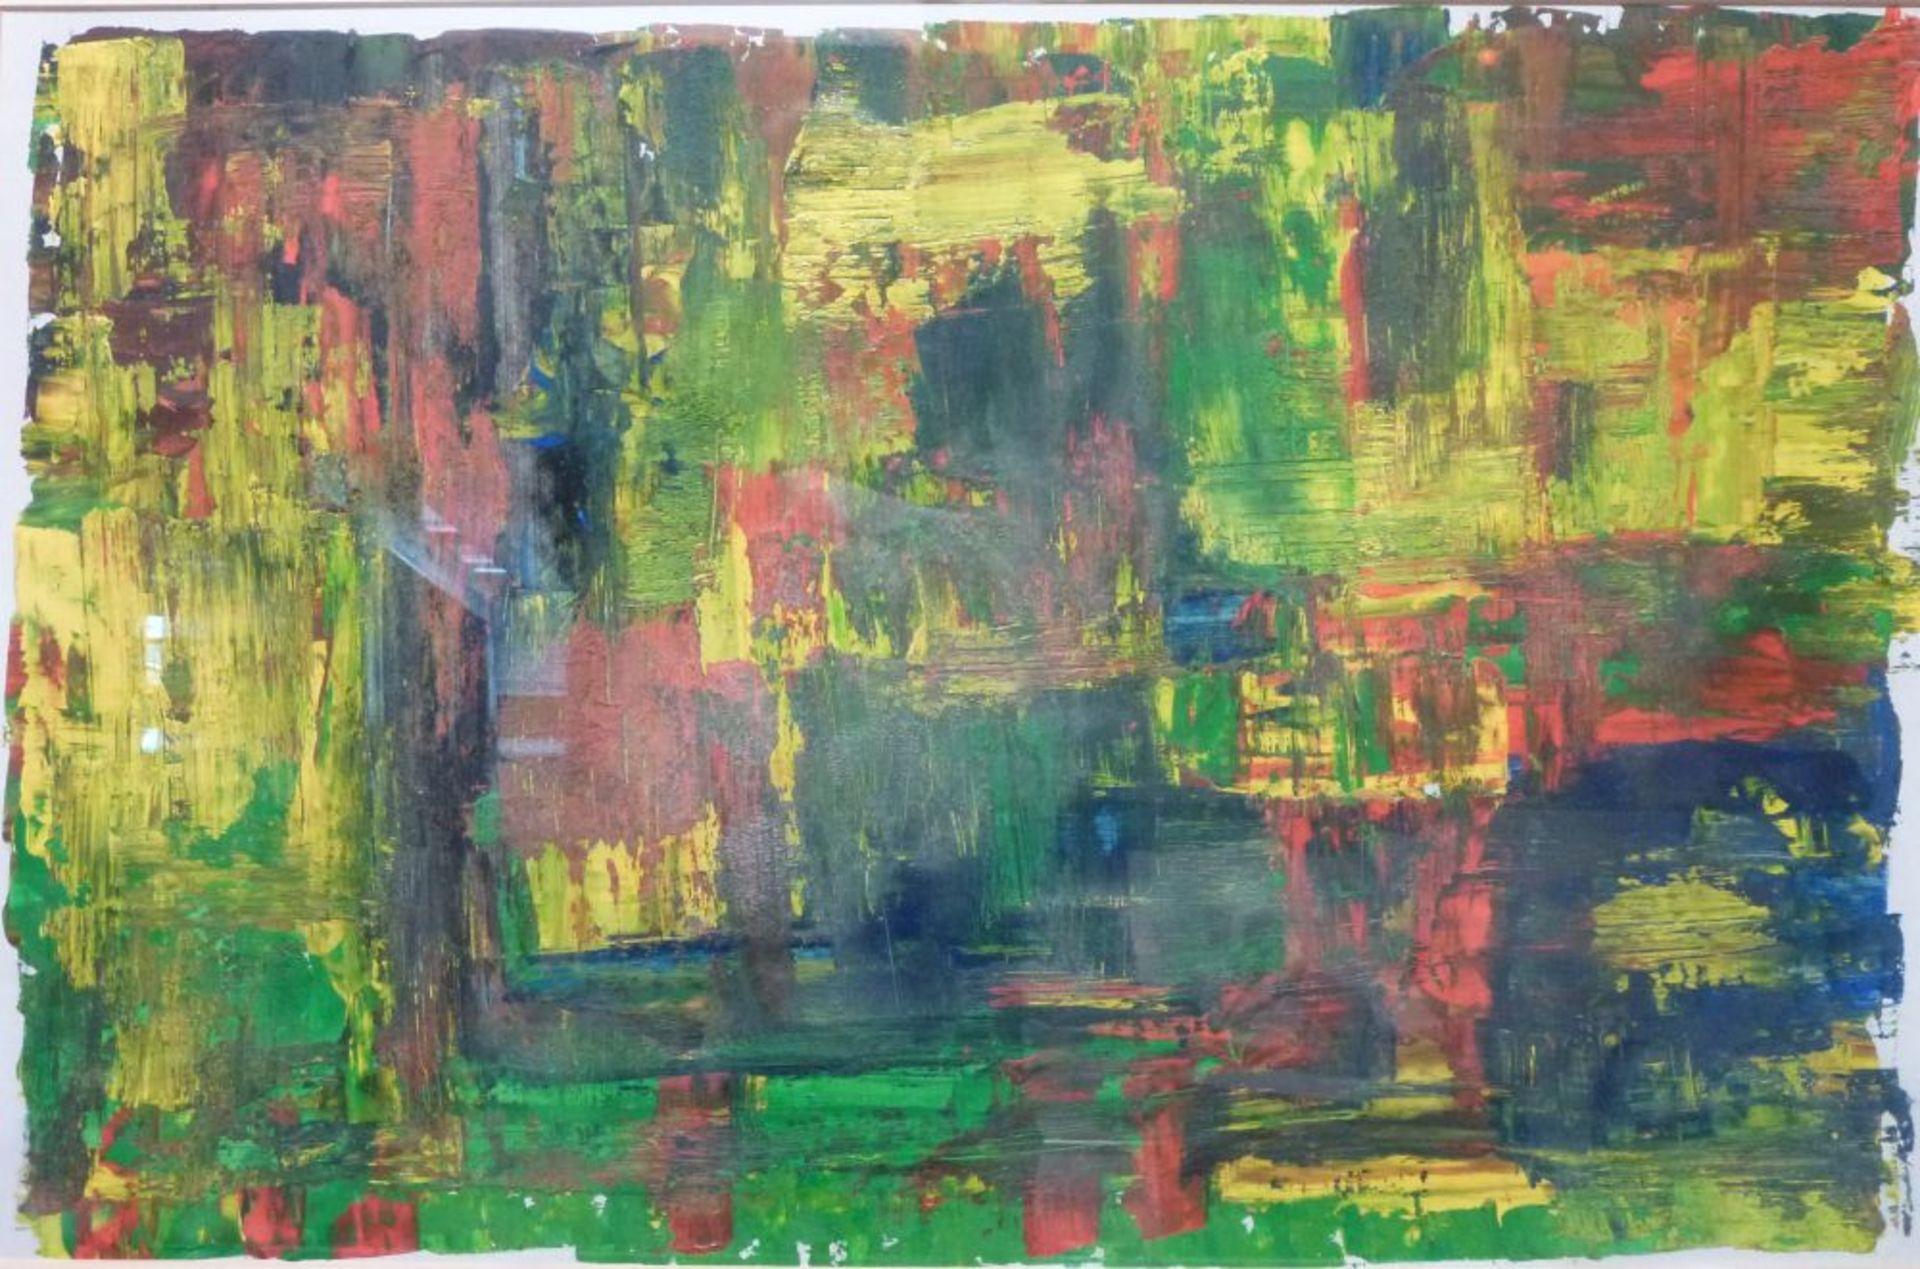 Los 44 - Farbkomposition, 1960/70er JahreÖl/Papier, R, 39x59 cm, beil. Grafik 27x61 cm